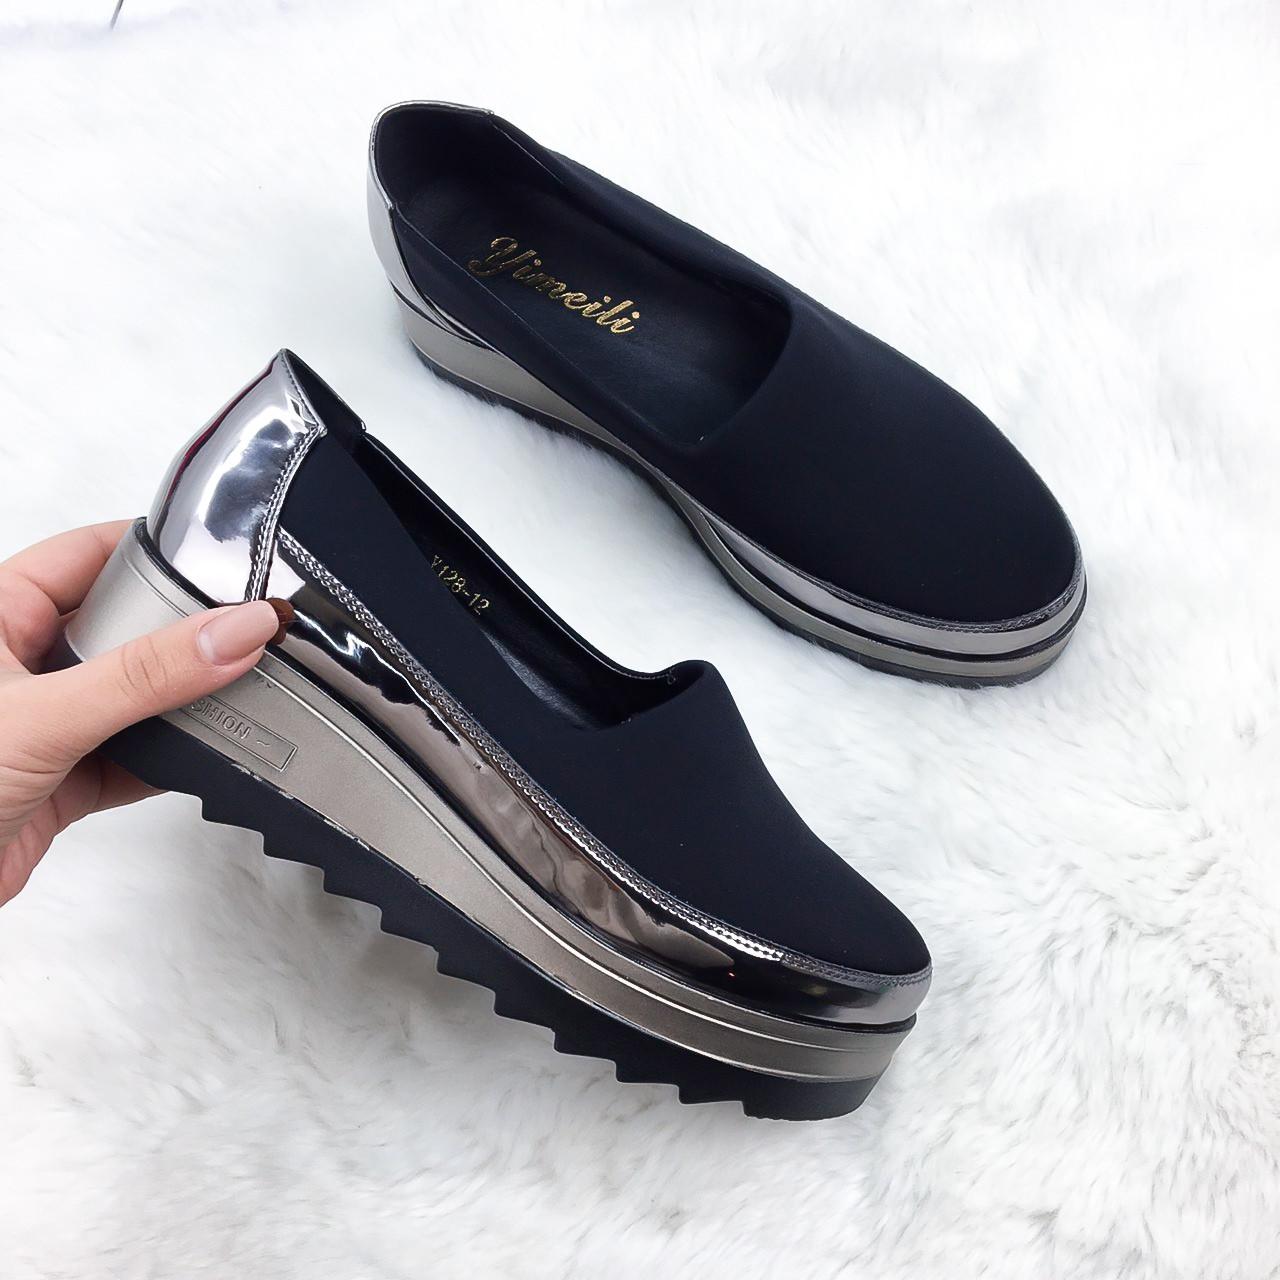 88db6081f54b Туфли , цвет: ЧЕРНЫЙ - Интернет-магазин обуви TINA LUX в Днепропетровской  области